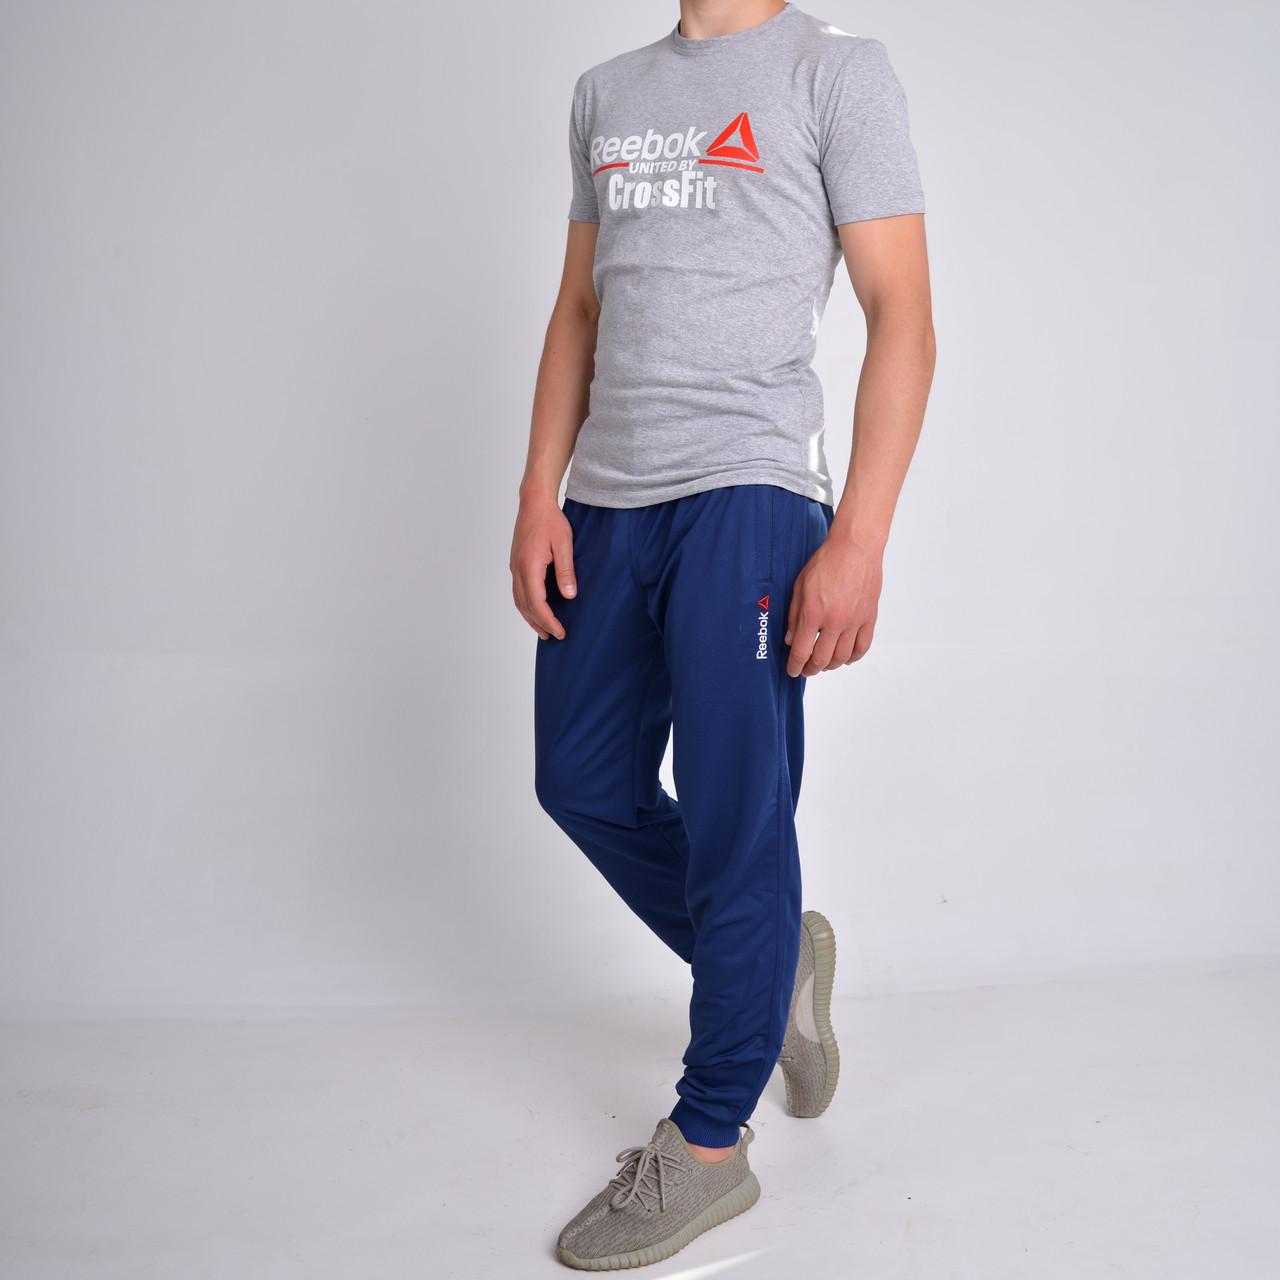 20b5c109 Мужские спортивные штаны на манжете Reebok (Рибок), Трикотаж-Пике (лакост)